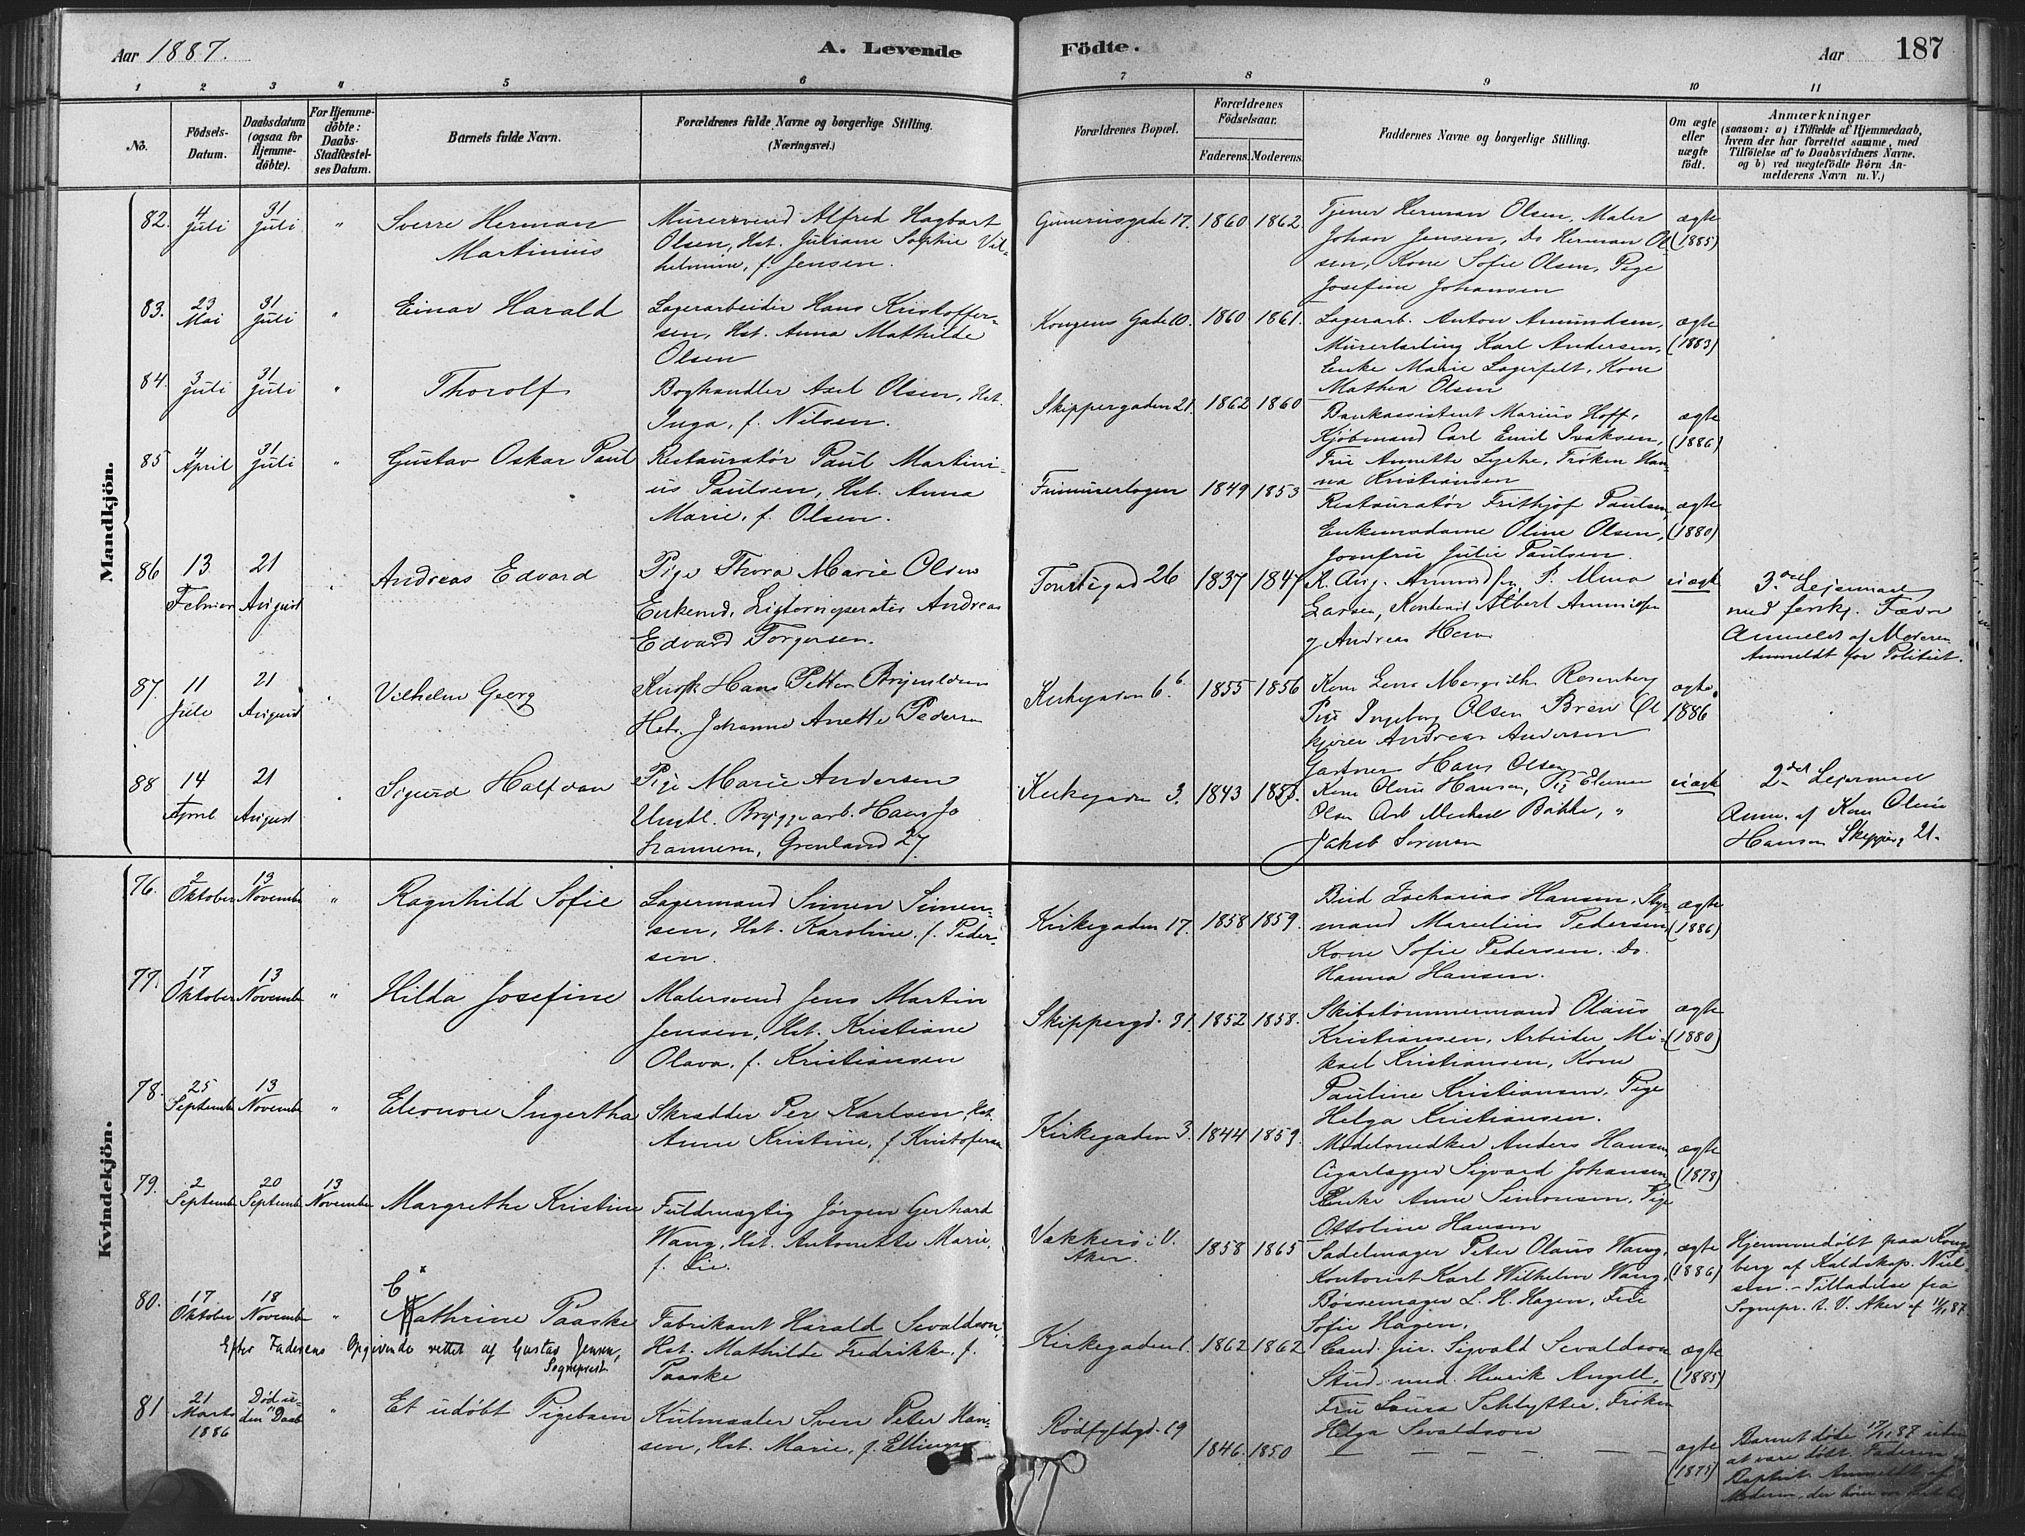 SAO, Oslo domkirke Kirkebøker, F/Fa/L0029: Ministerialbok nr. 29, 1879-1892, s. 187